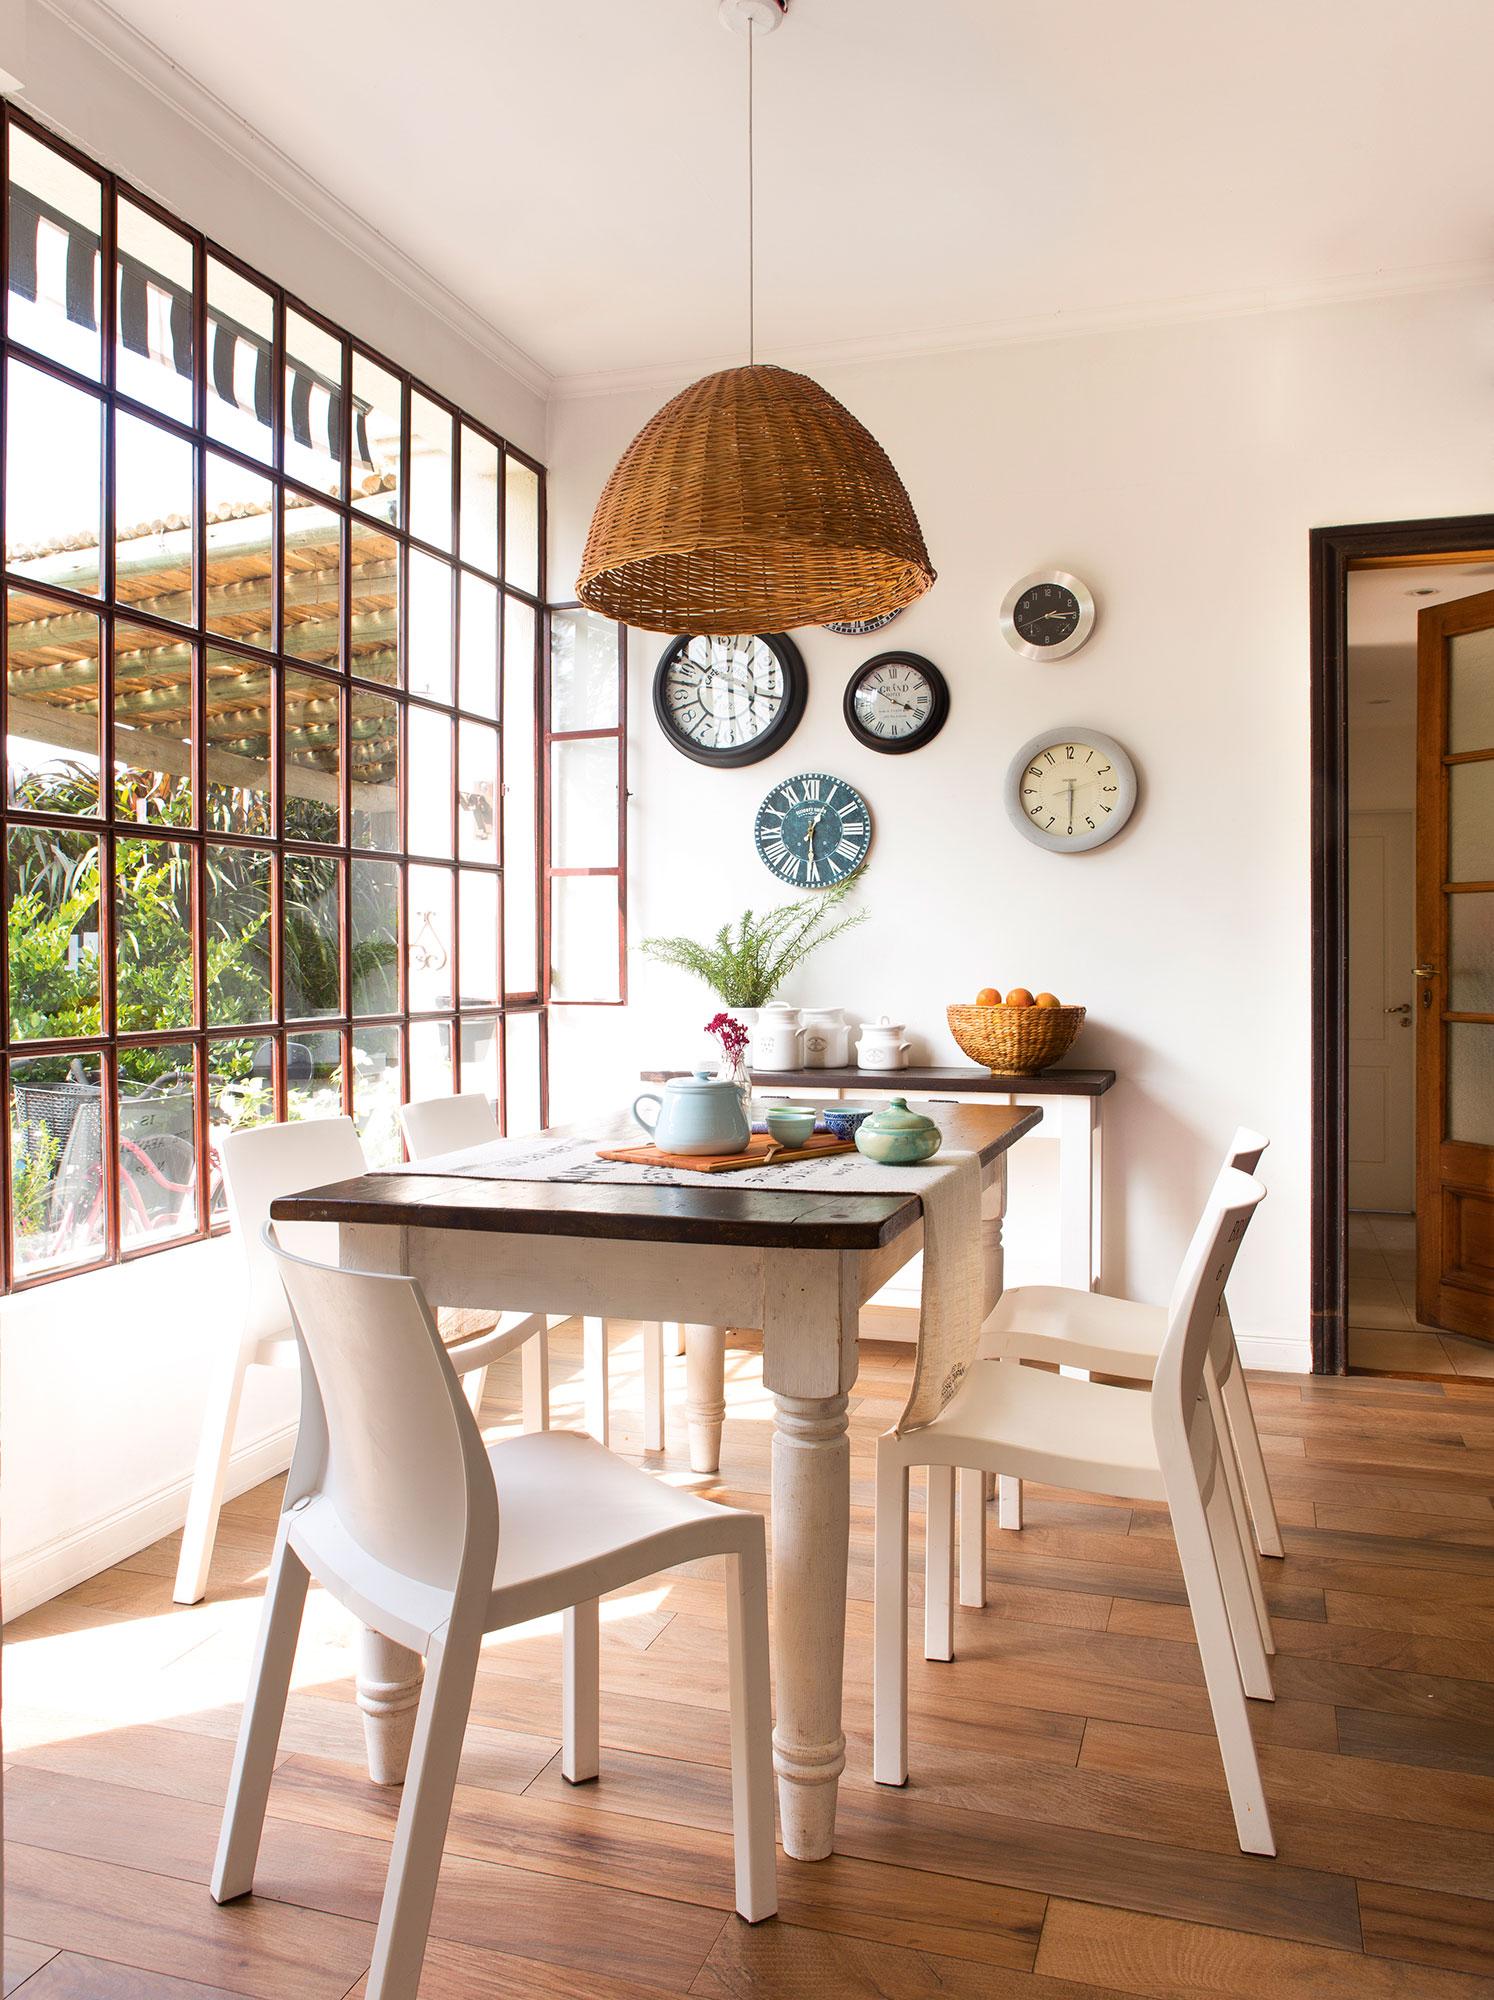 Office con gran ventana acristalada al jardín y composición de relojes. ¿Con alma de coleccionista?